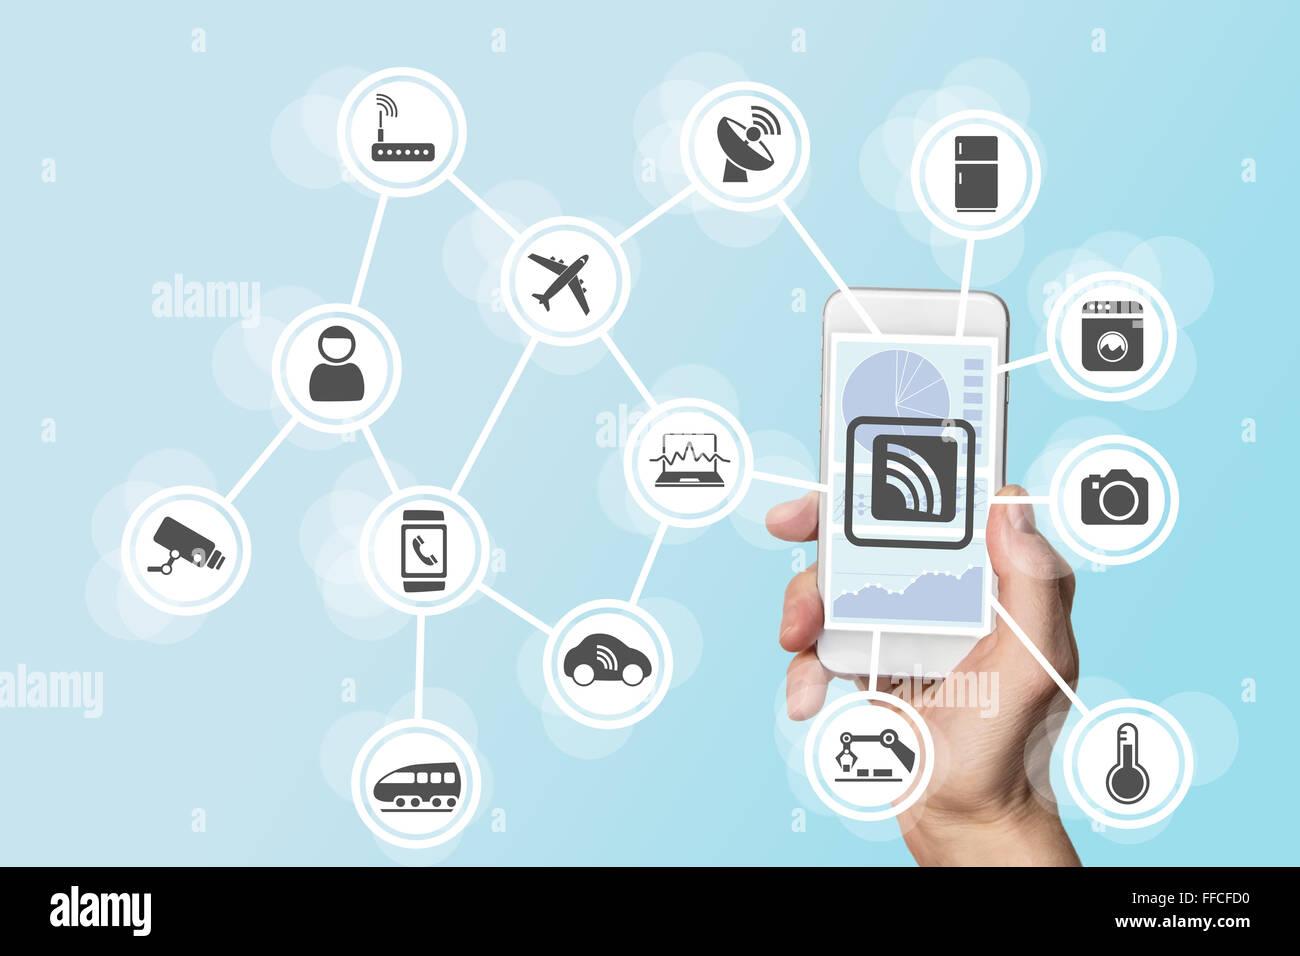 La digitalizzazione e la mobilità concetto illustrato da mano azienda moderne smart phone Immagini Stock